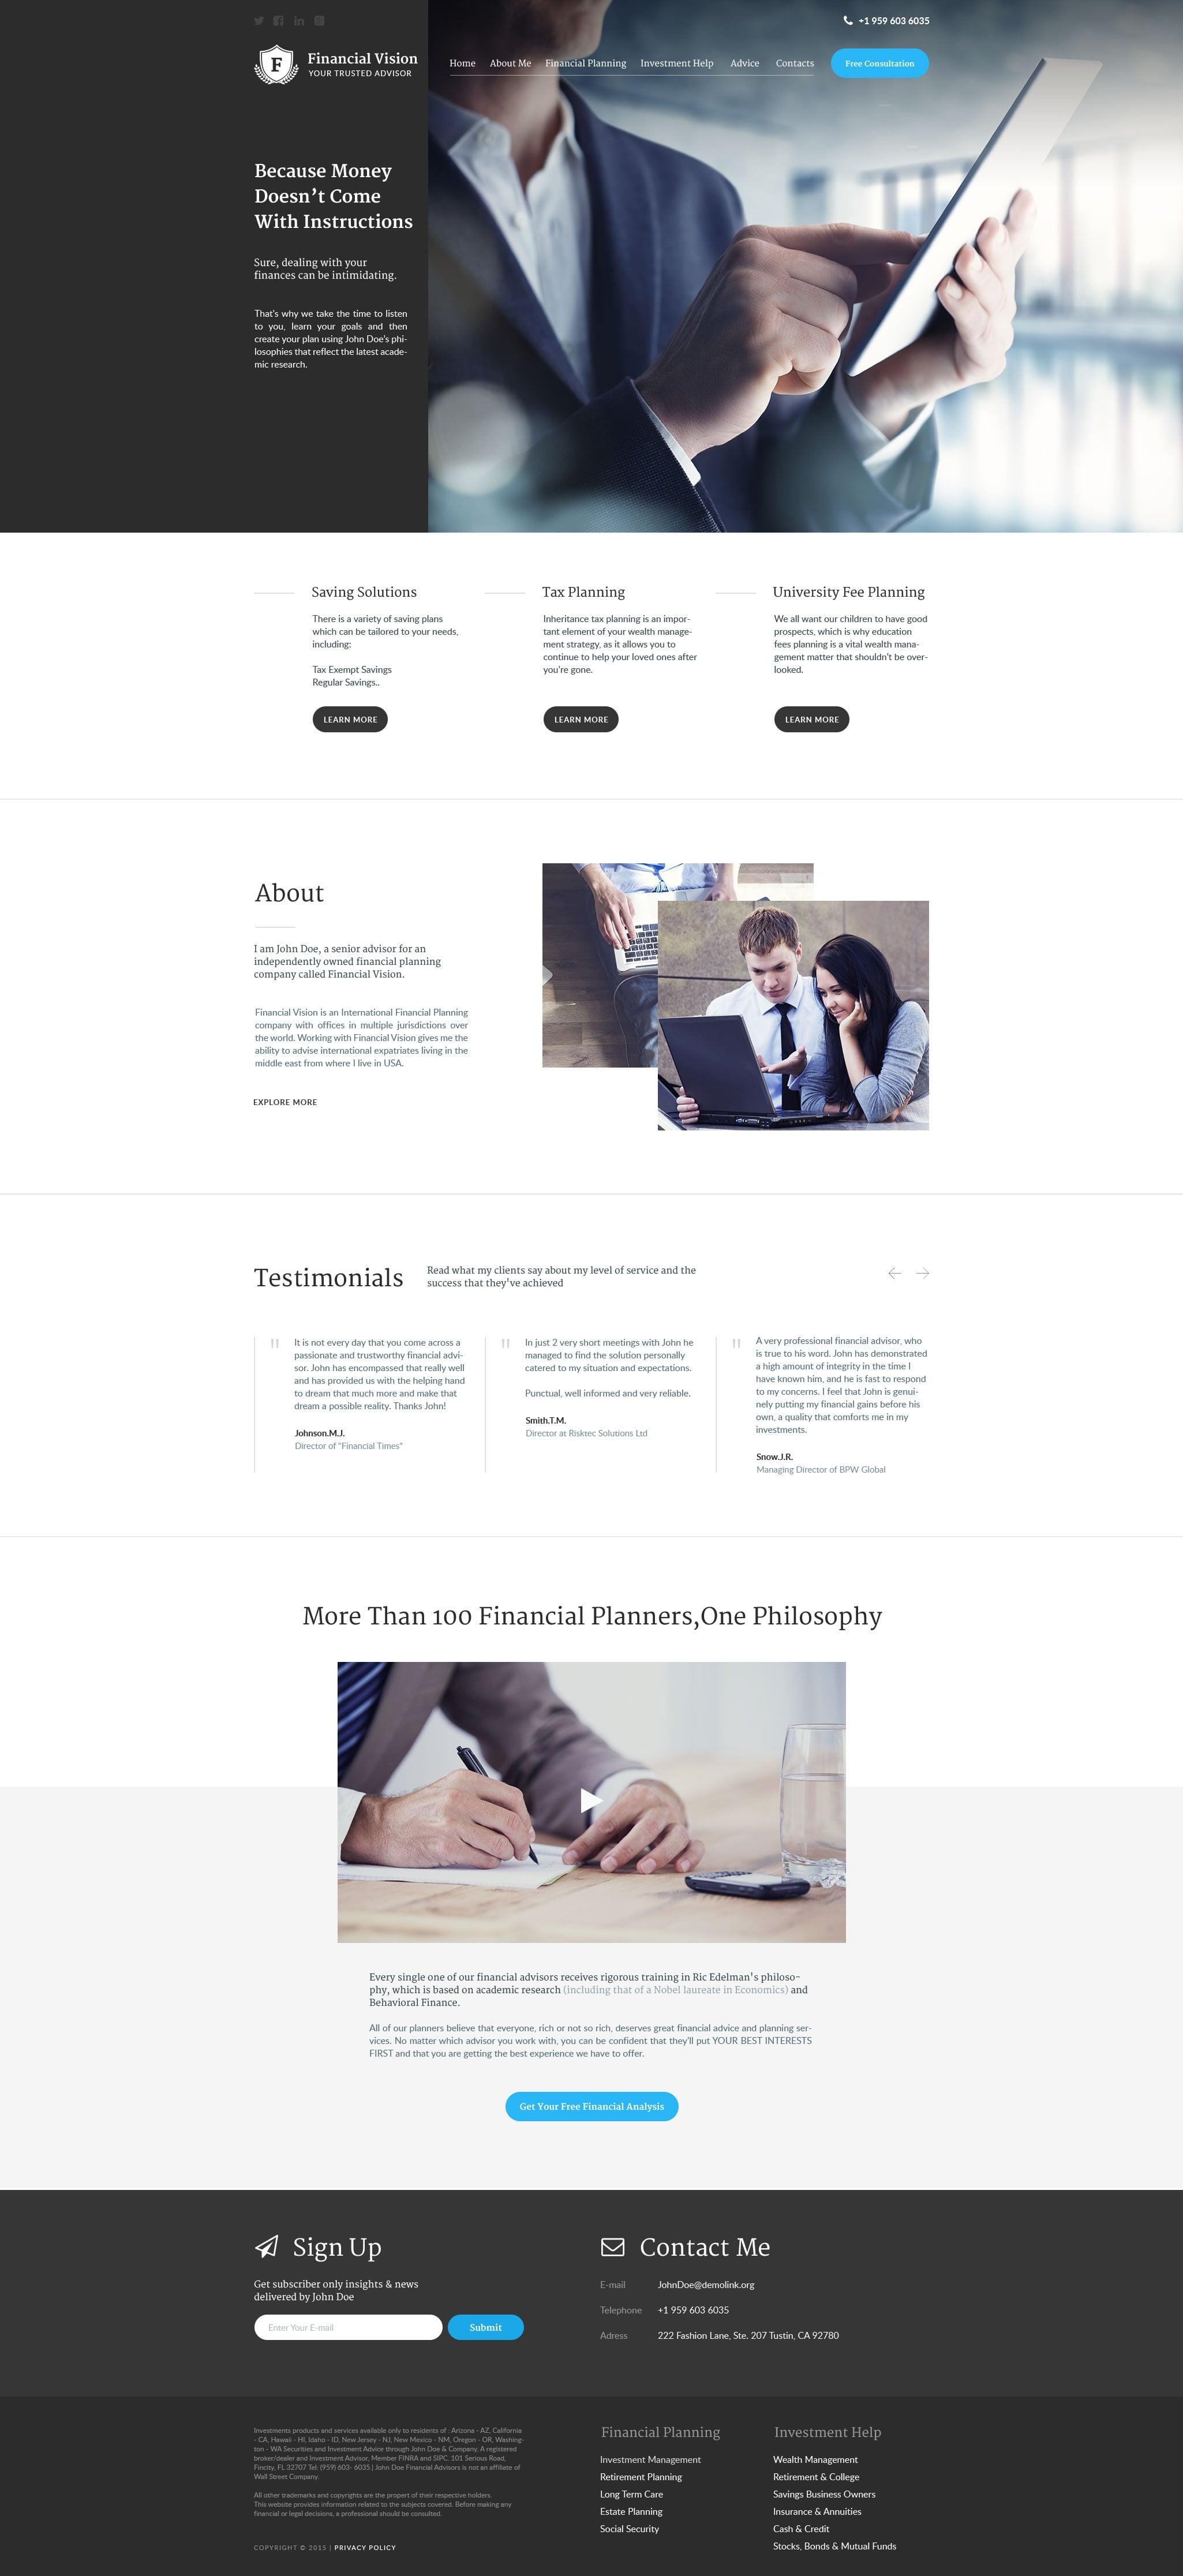 5Financial Vision WordPress Theme